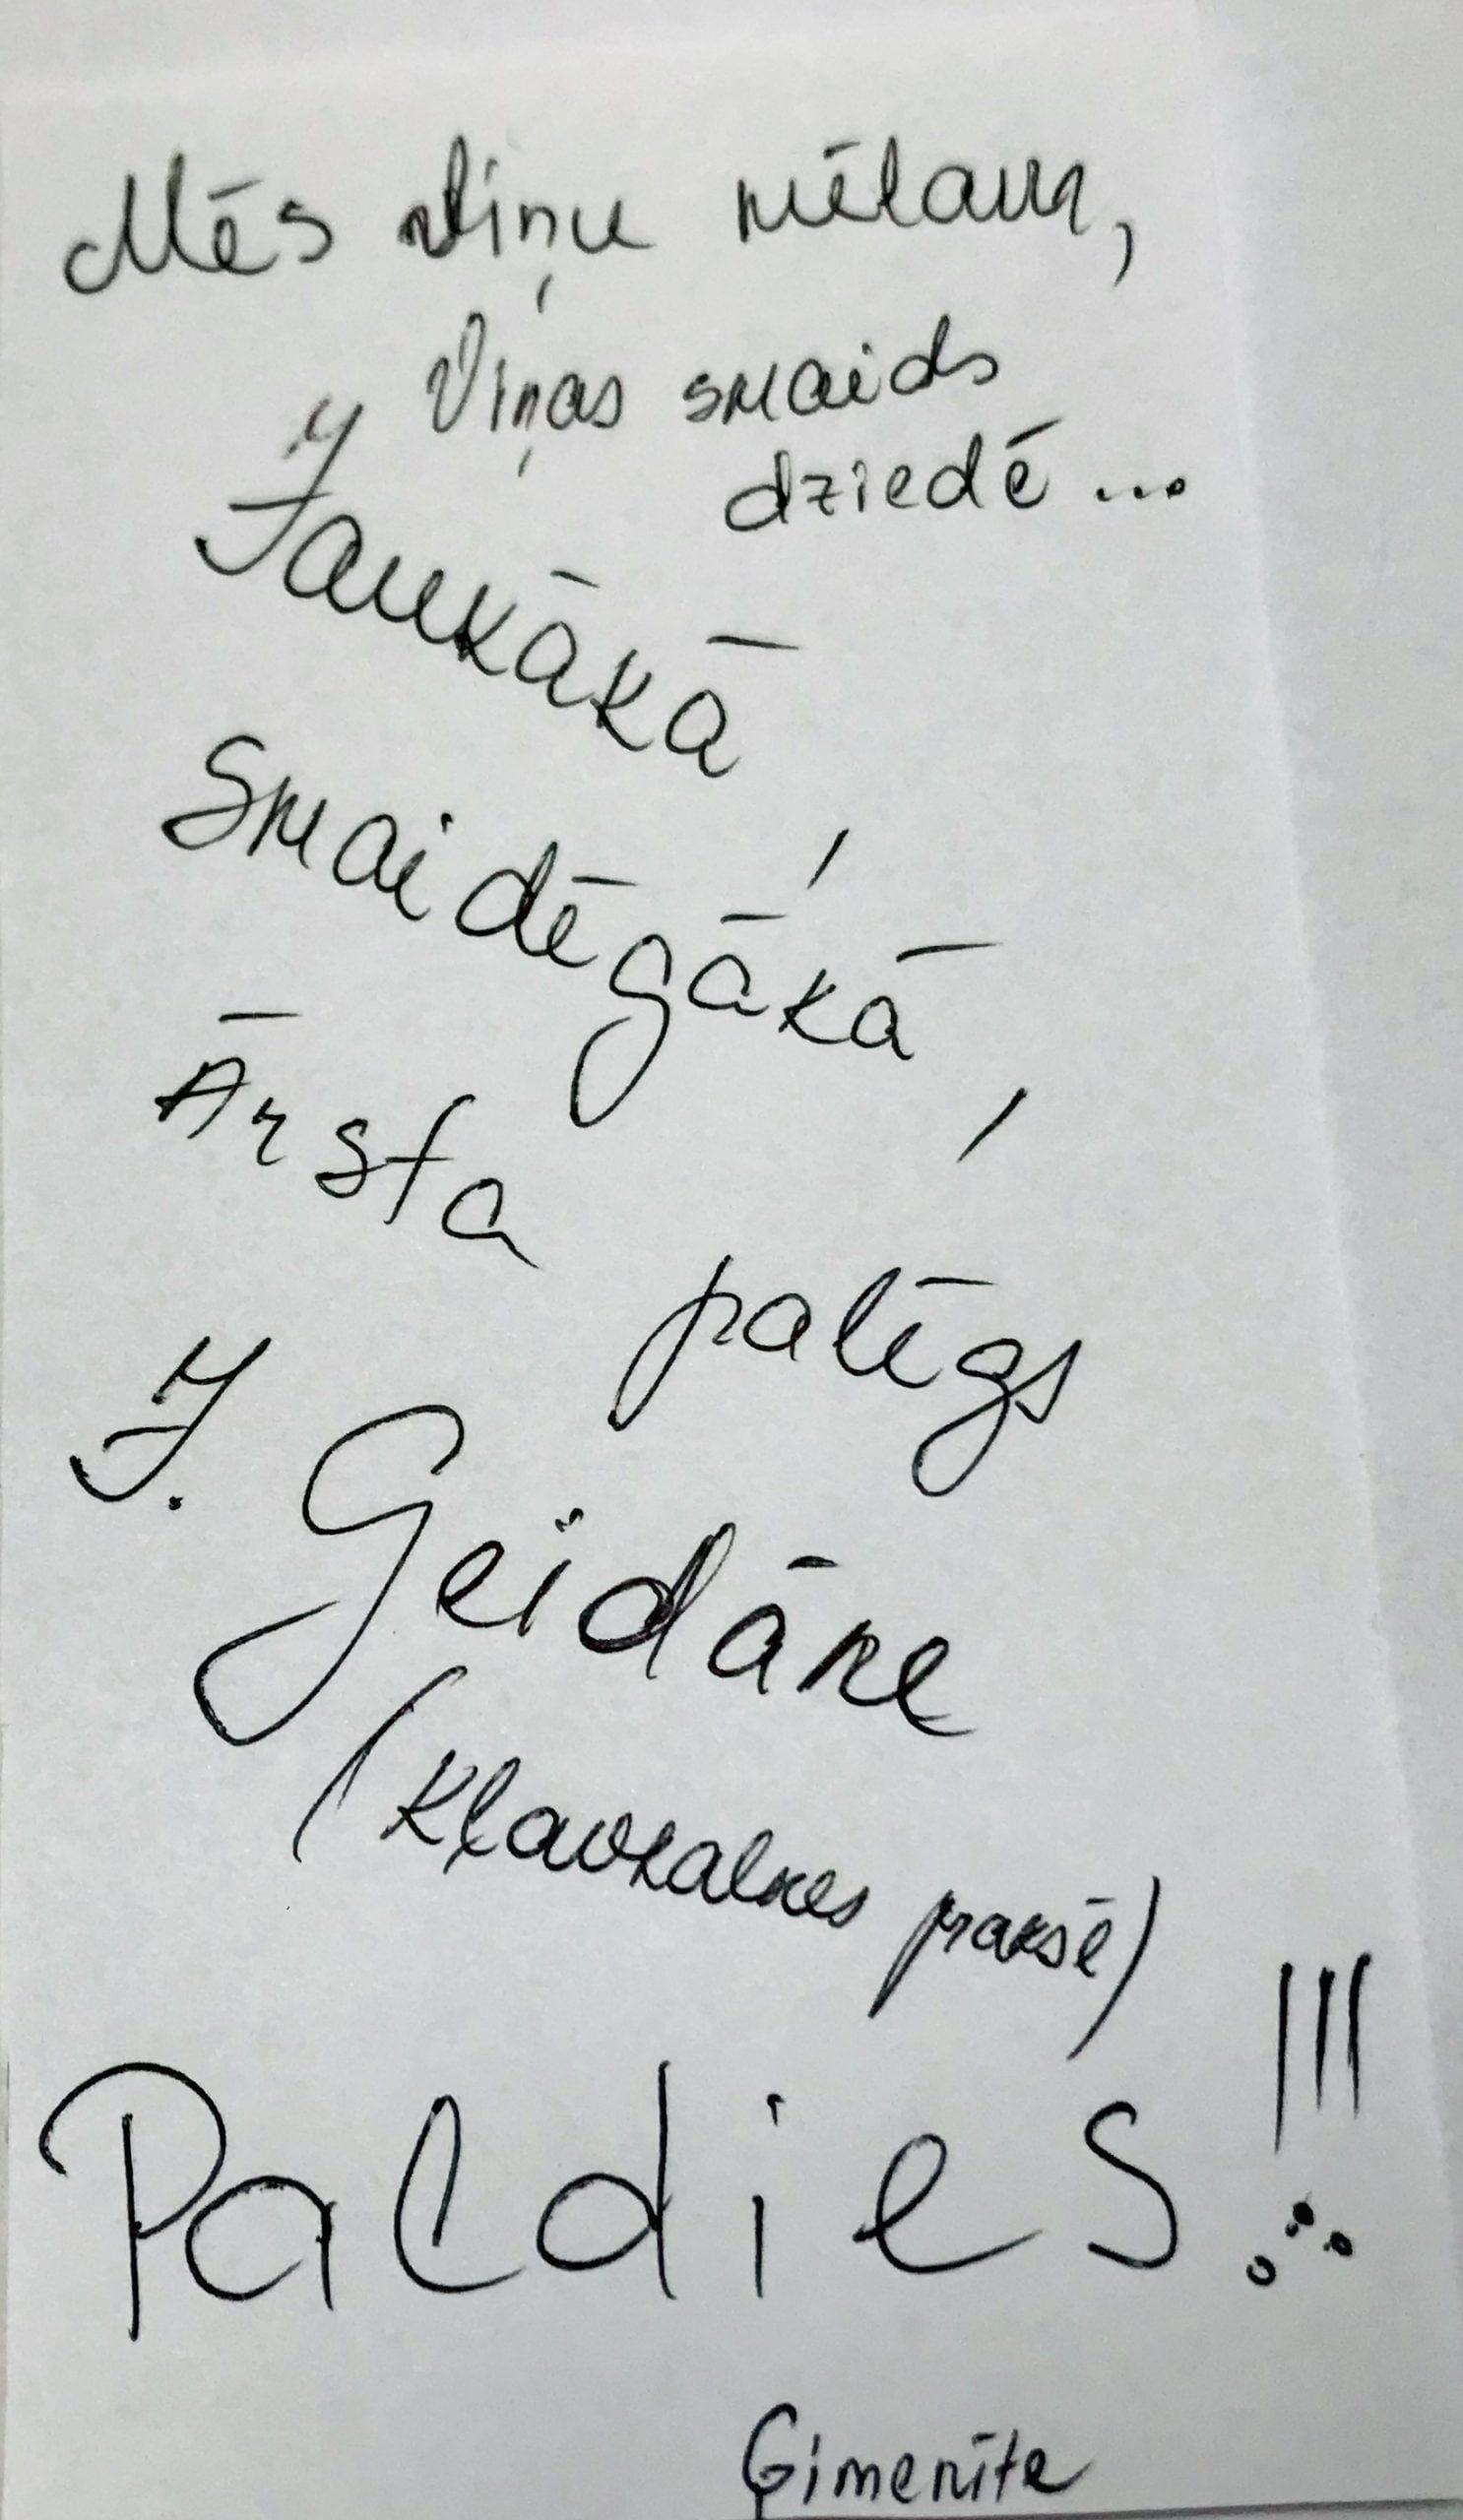 Klientu atsauksmes Jūlija Geidāne